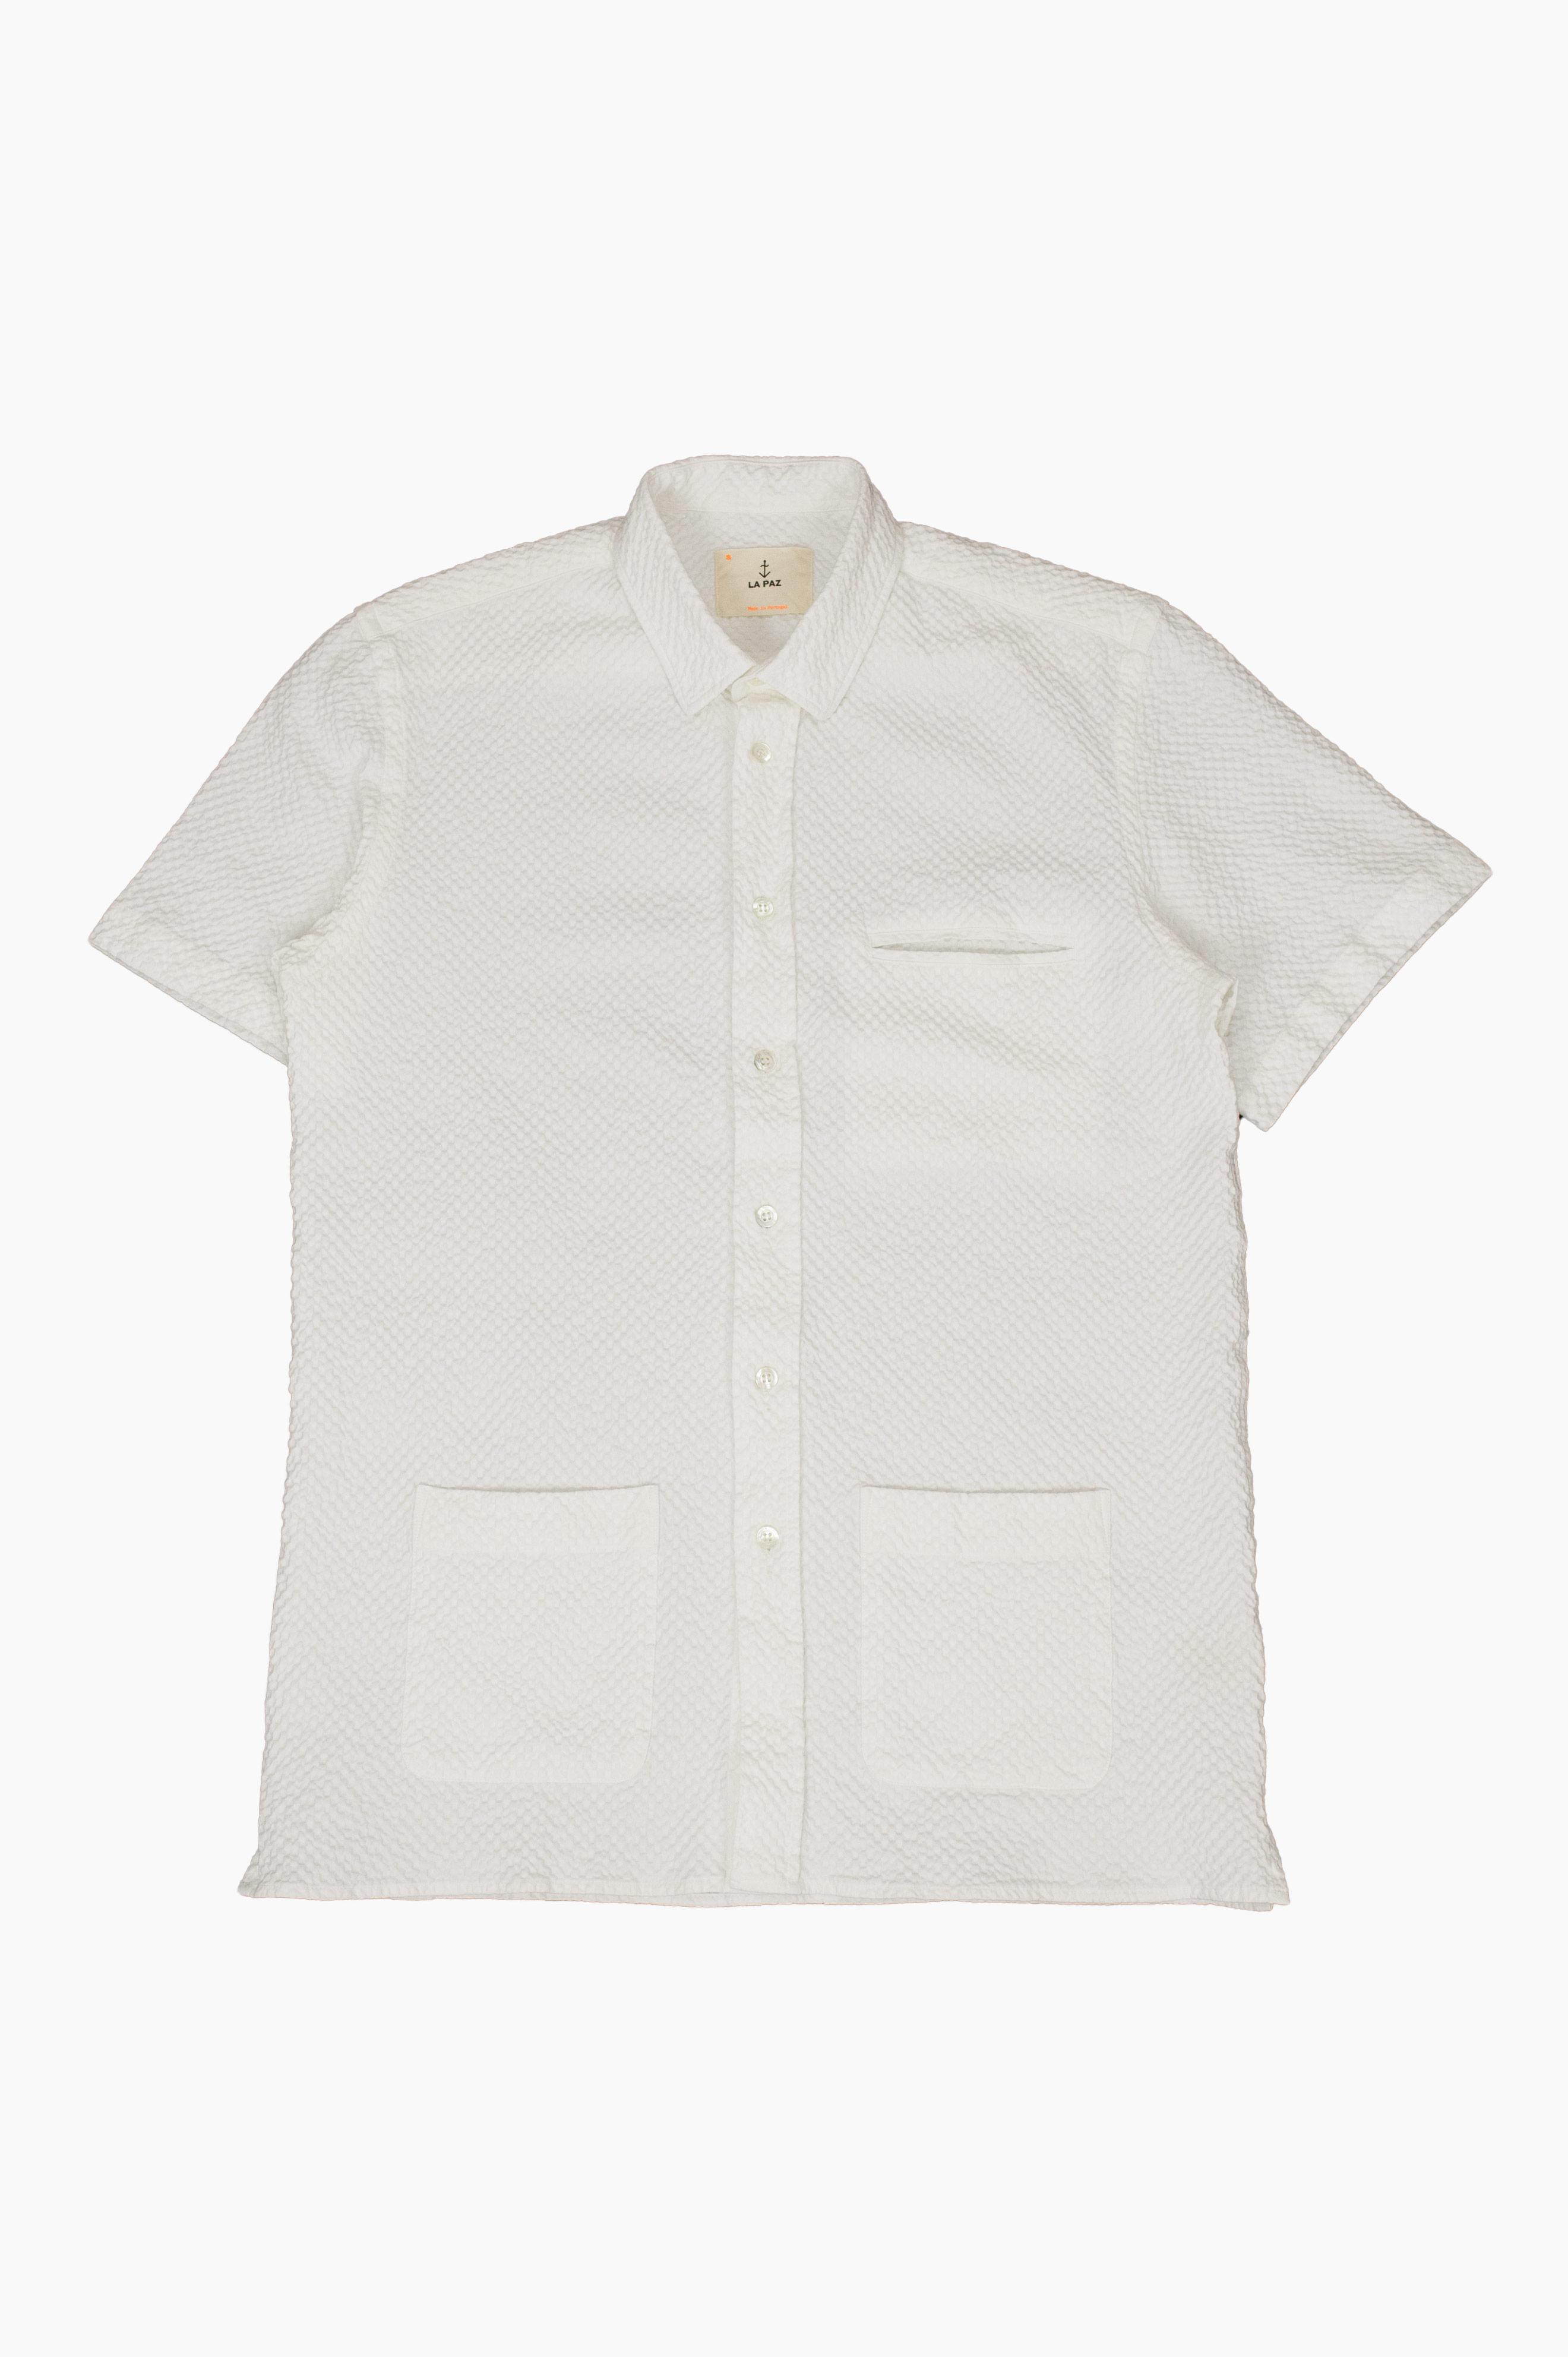 Castro Short Sleeve Shirt Off White Waffle